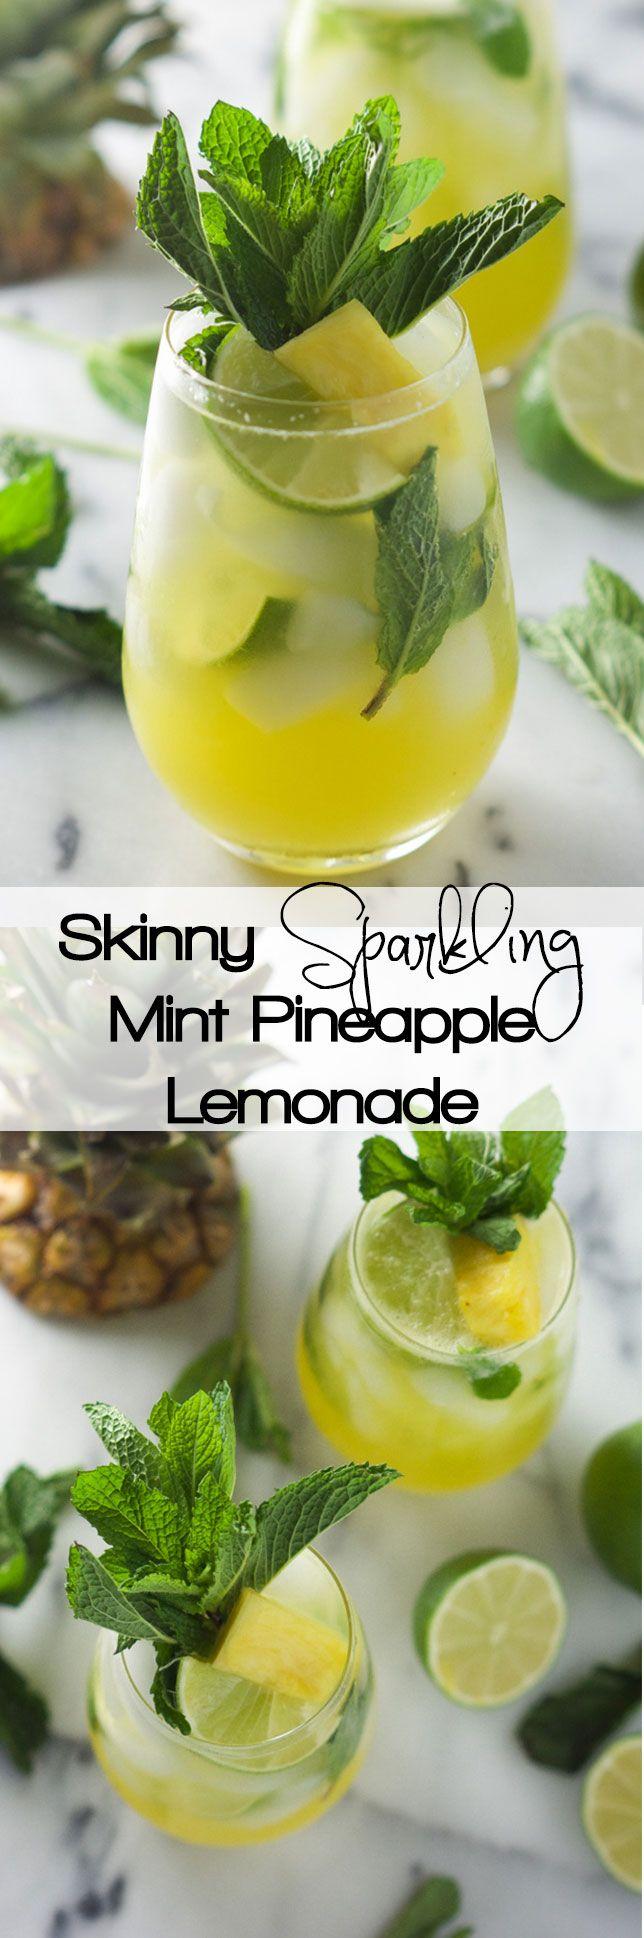 Skinny Sparkling Mint Pineapple Lemonade